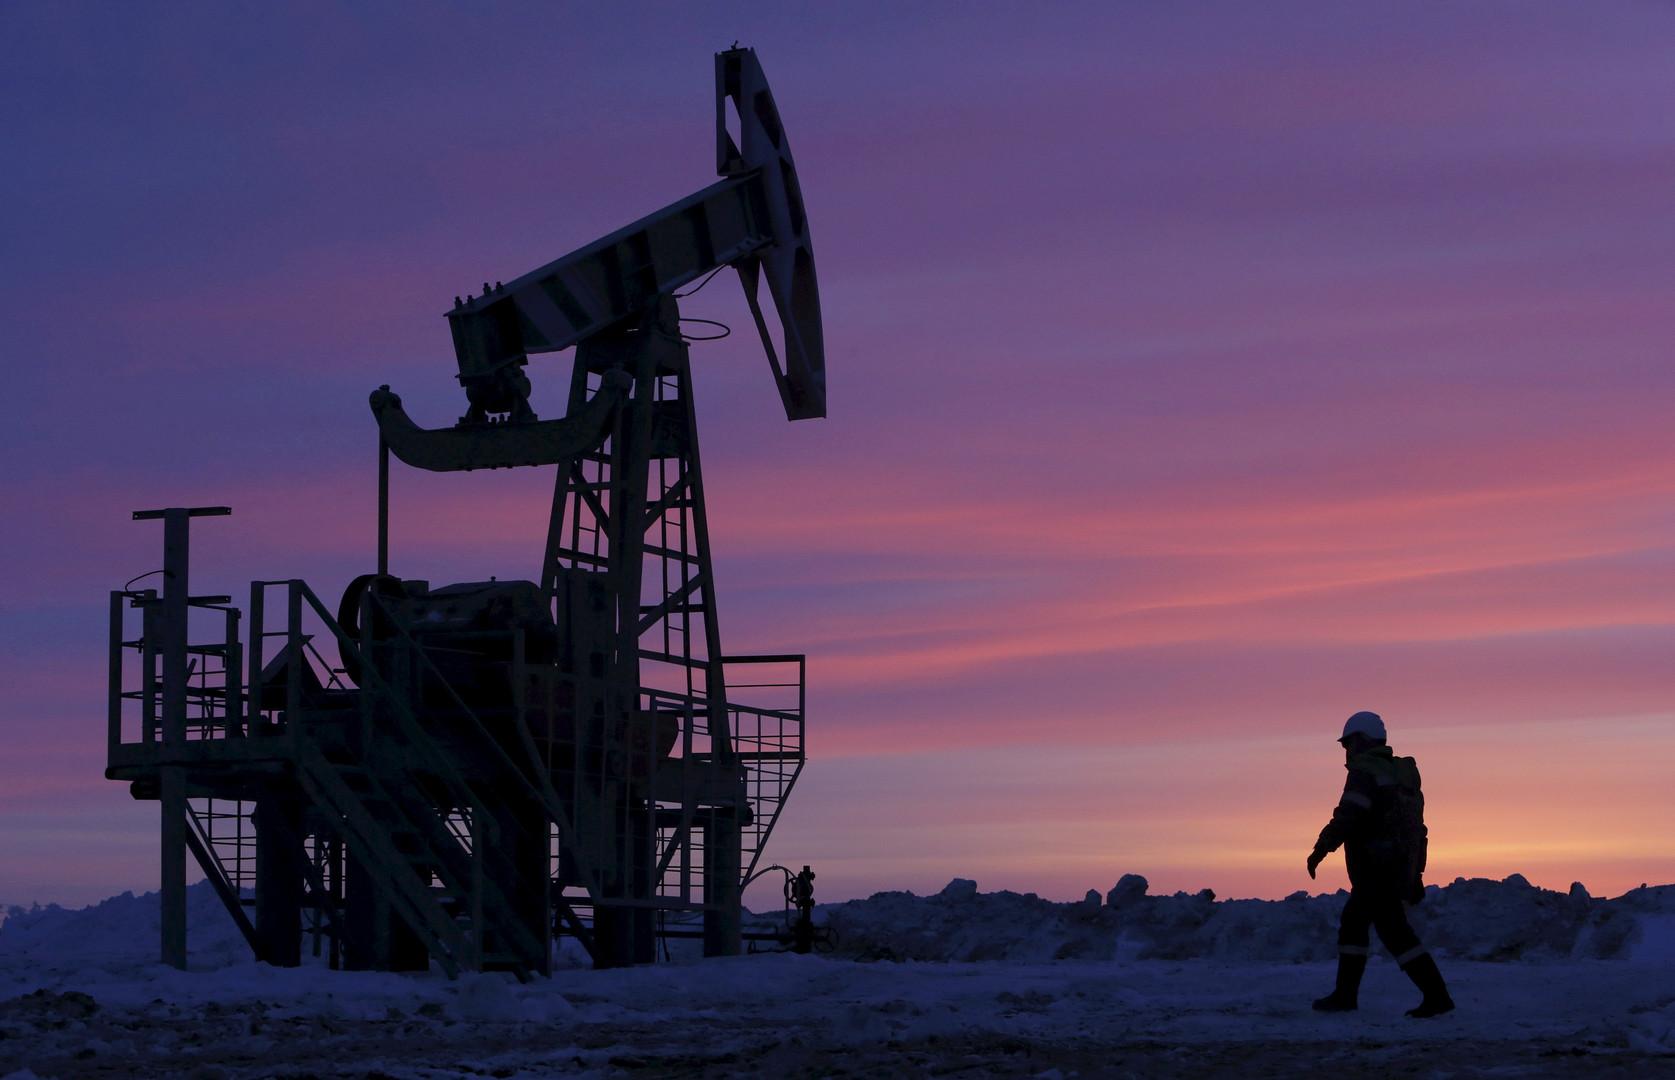 Когда закончится нефть: участники рынка ожидают пик спроса на энергосырьё в 2030 году